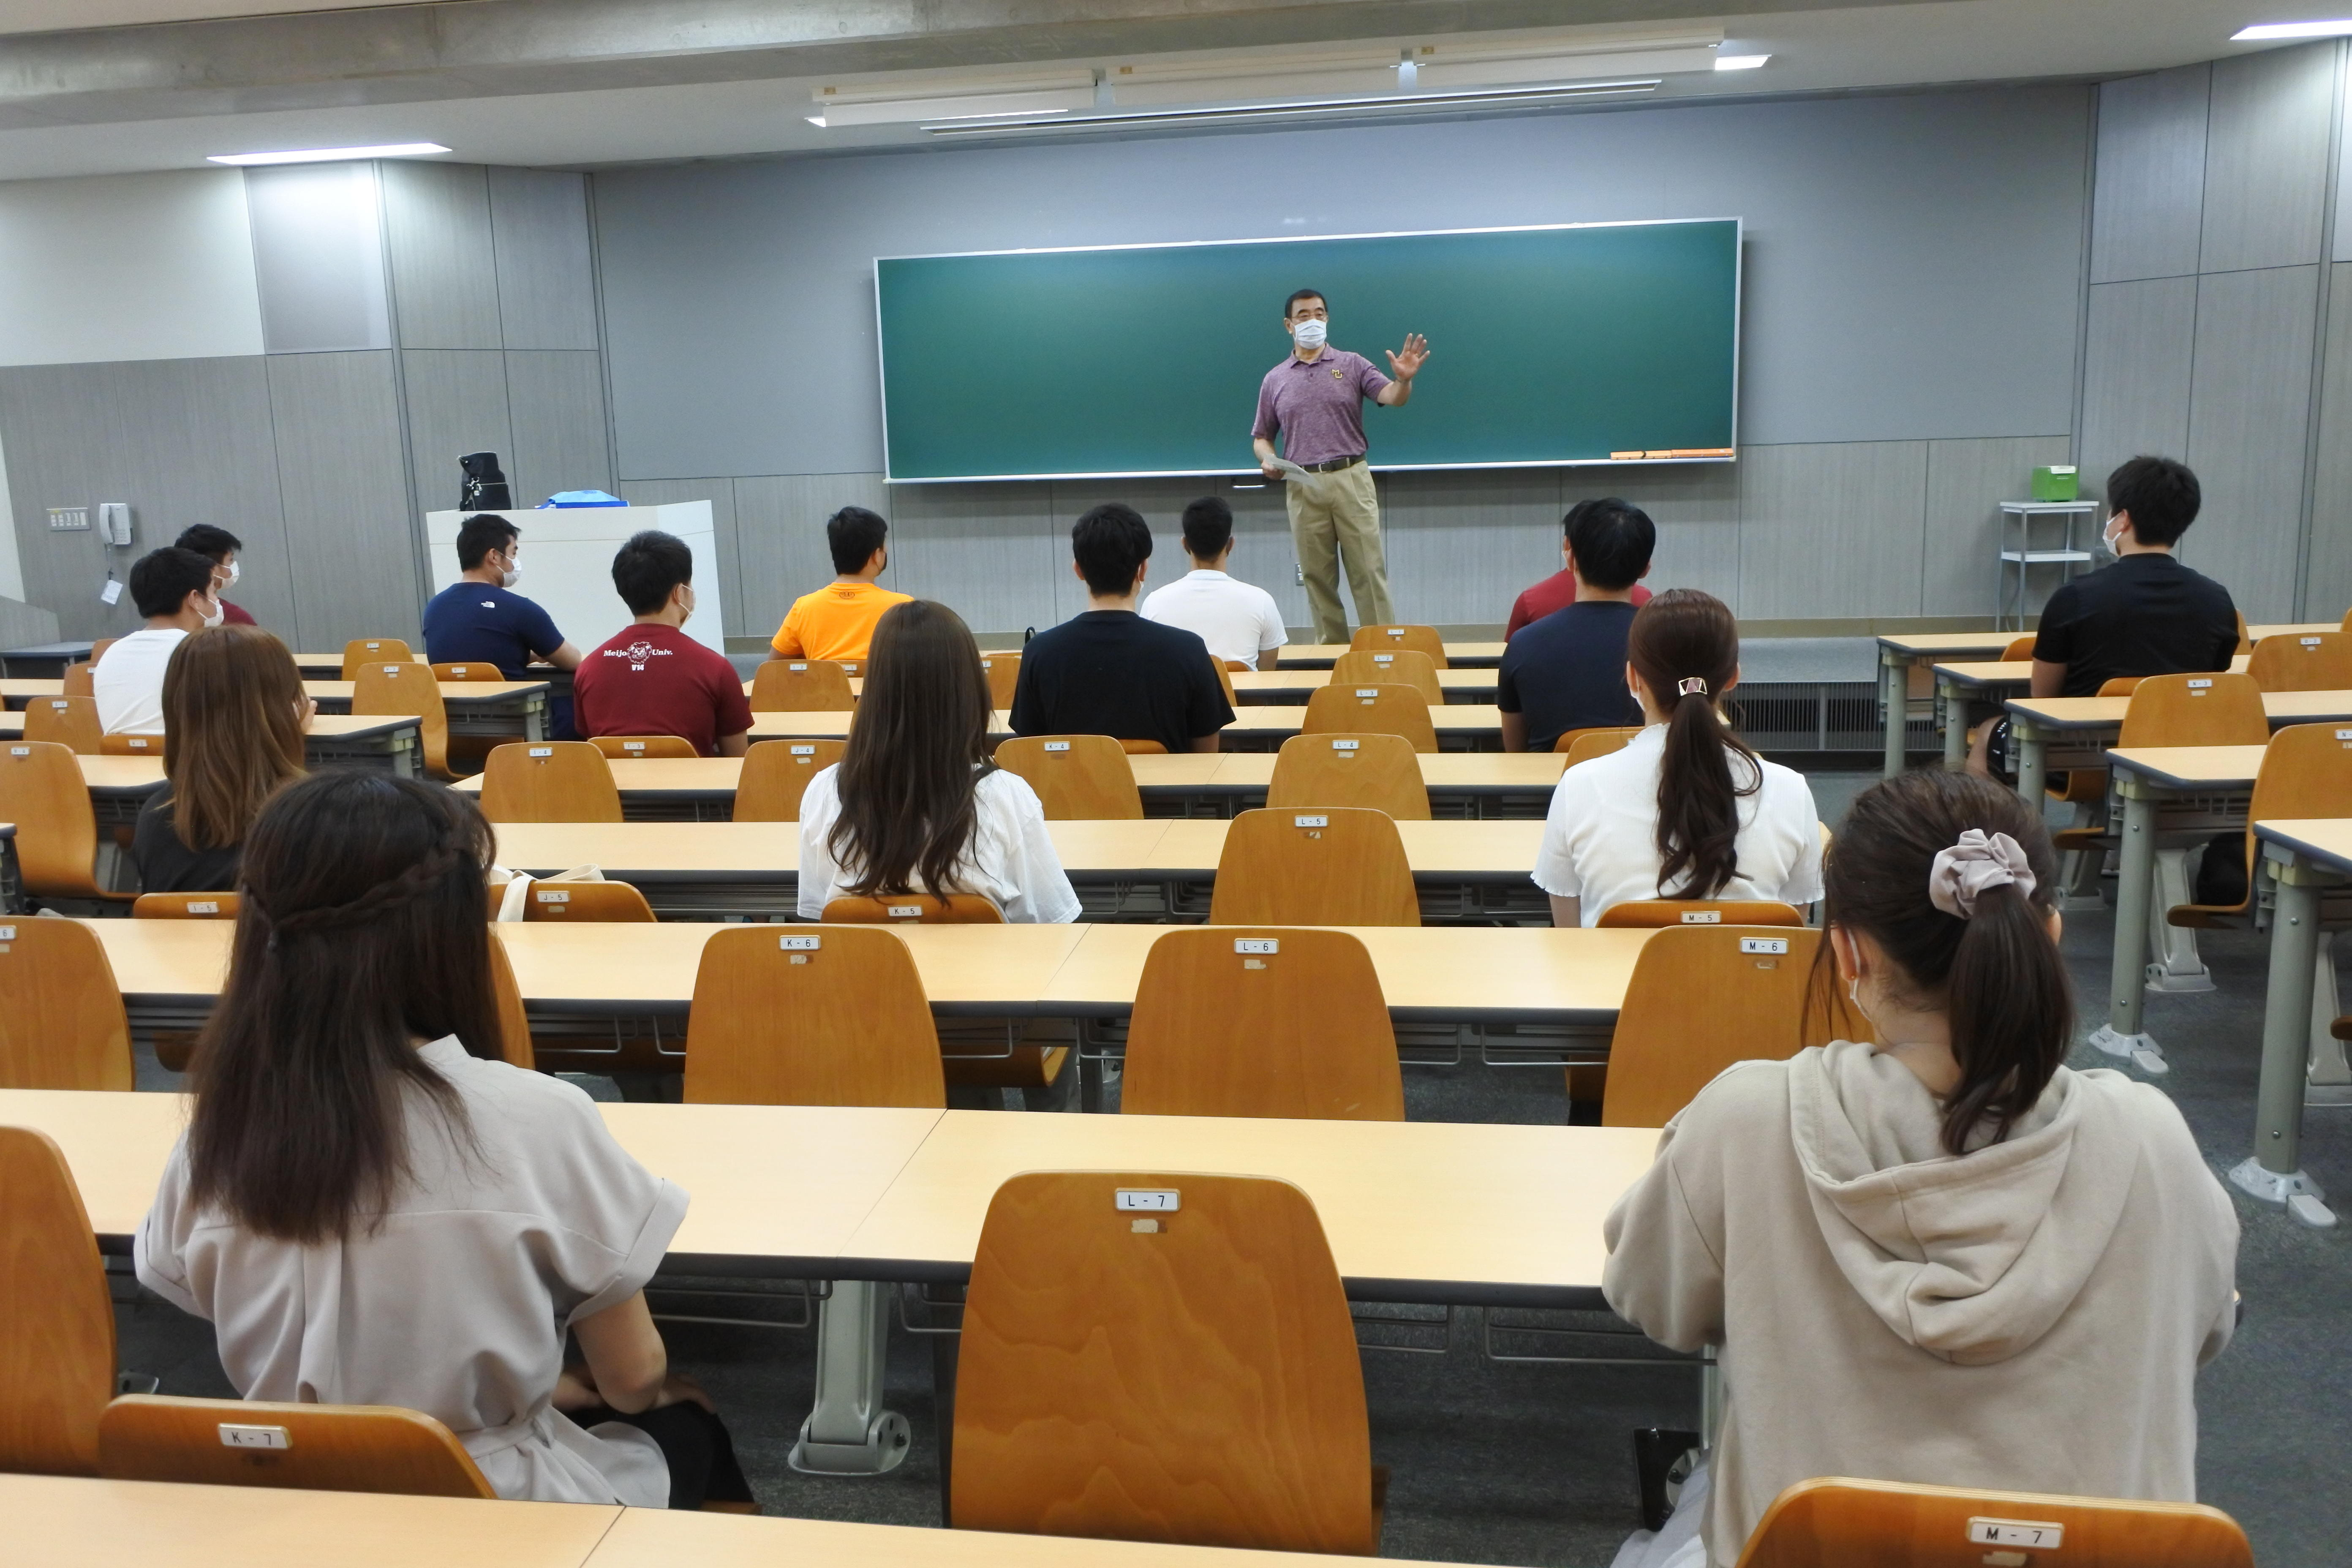 経営学部の新入生を迎えた槇野均教授の授業(基礎ゼミナール)は共通講義棟南の大教室で20人が間隔を開けて受講